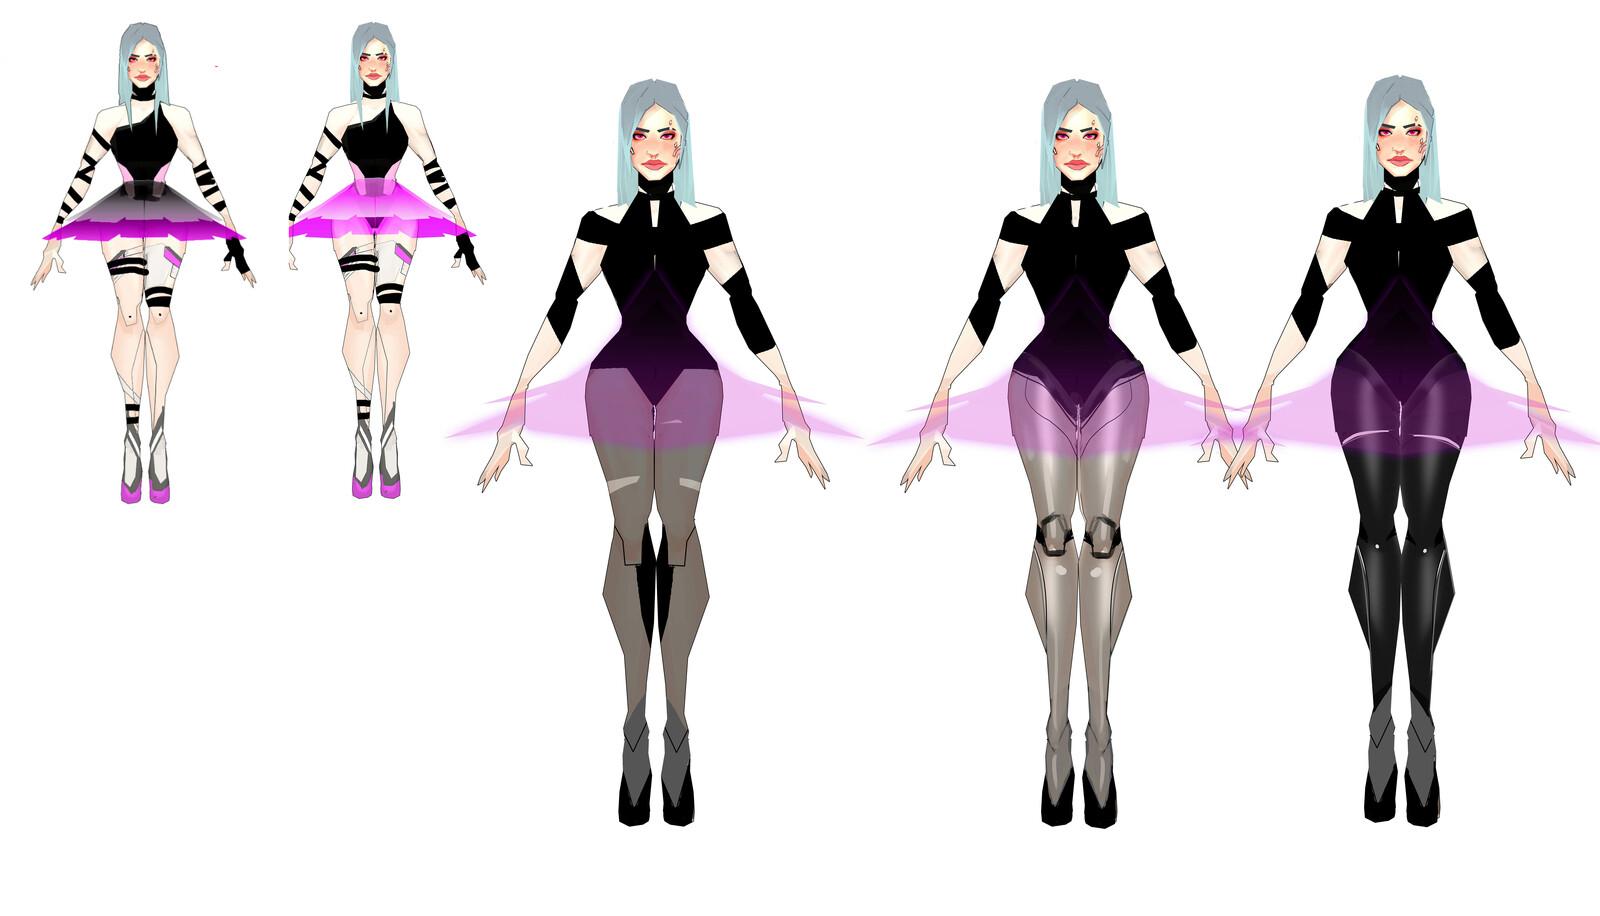 Dancer concept art 1